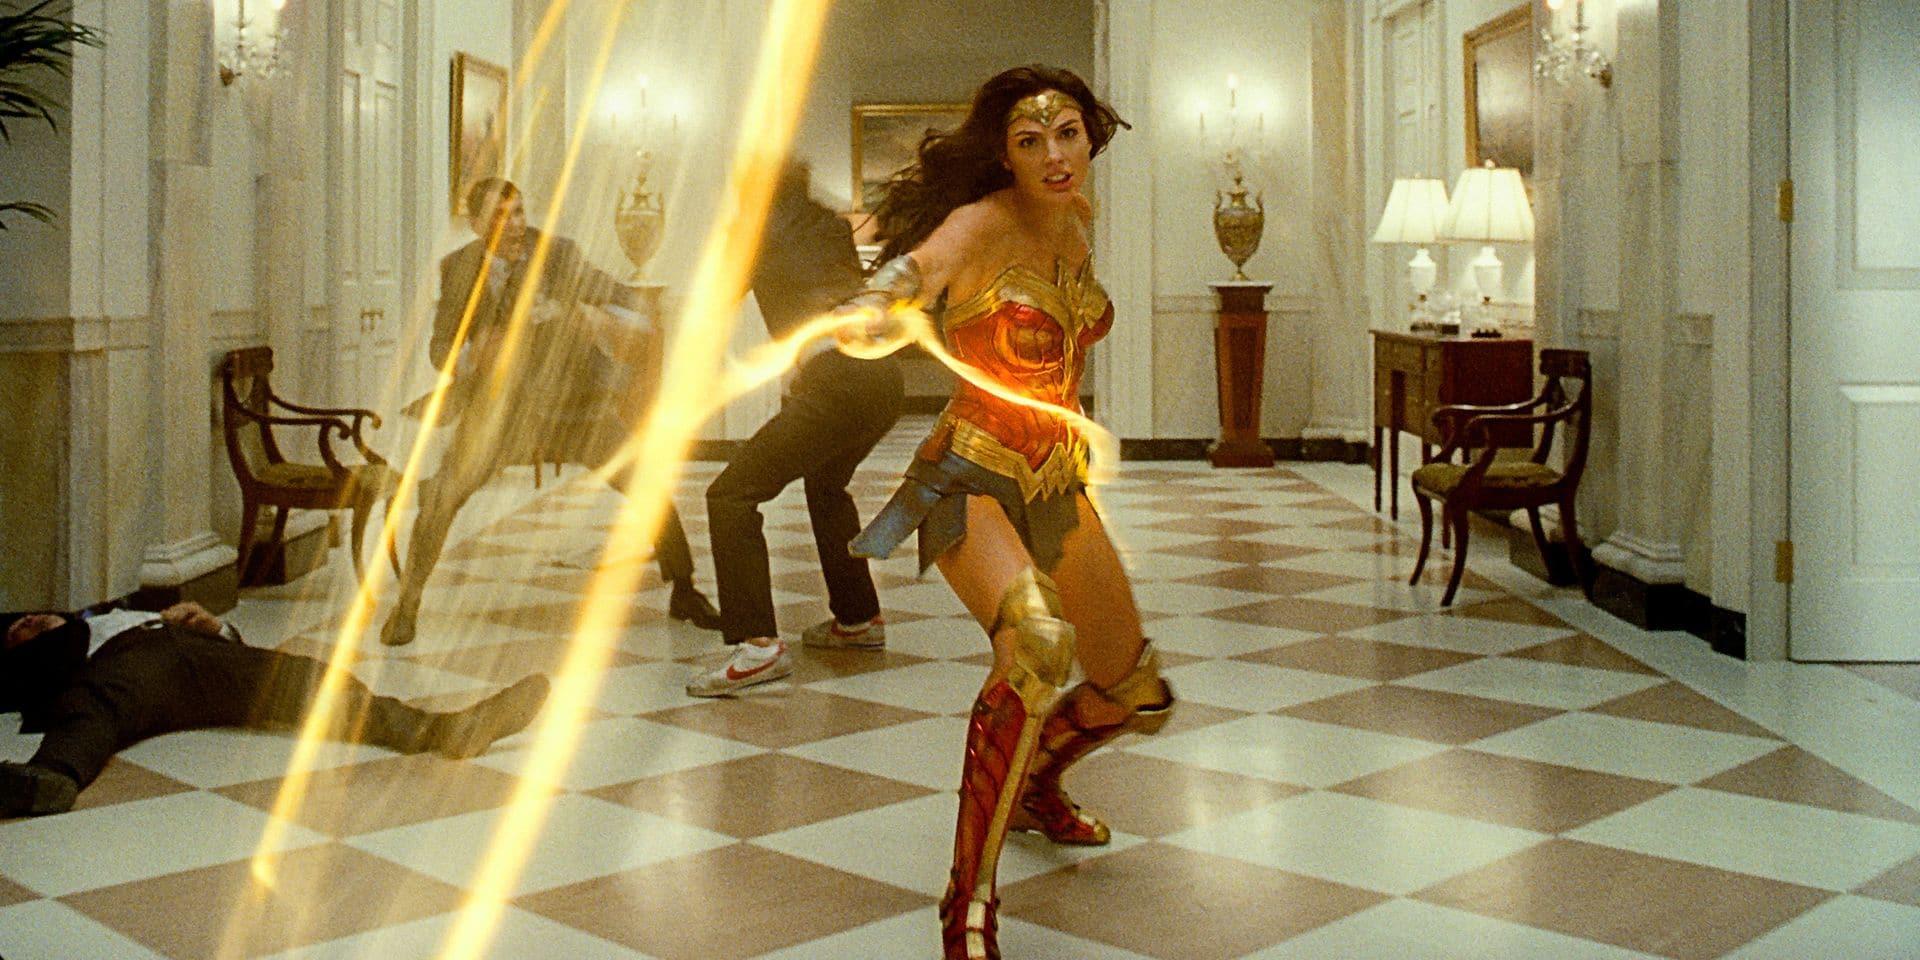 C'est une première pour un blockbuster : Wonder Woman 1984 sortira en même temps en salle et sur HBO Max